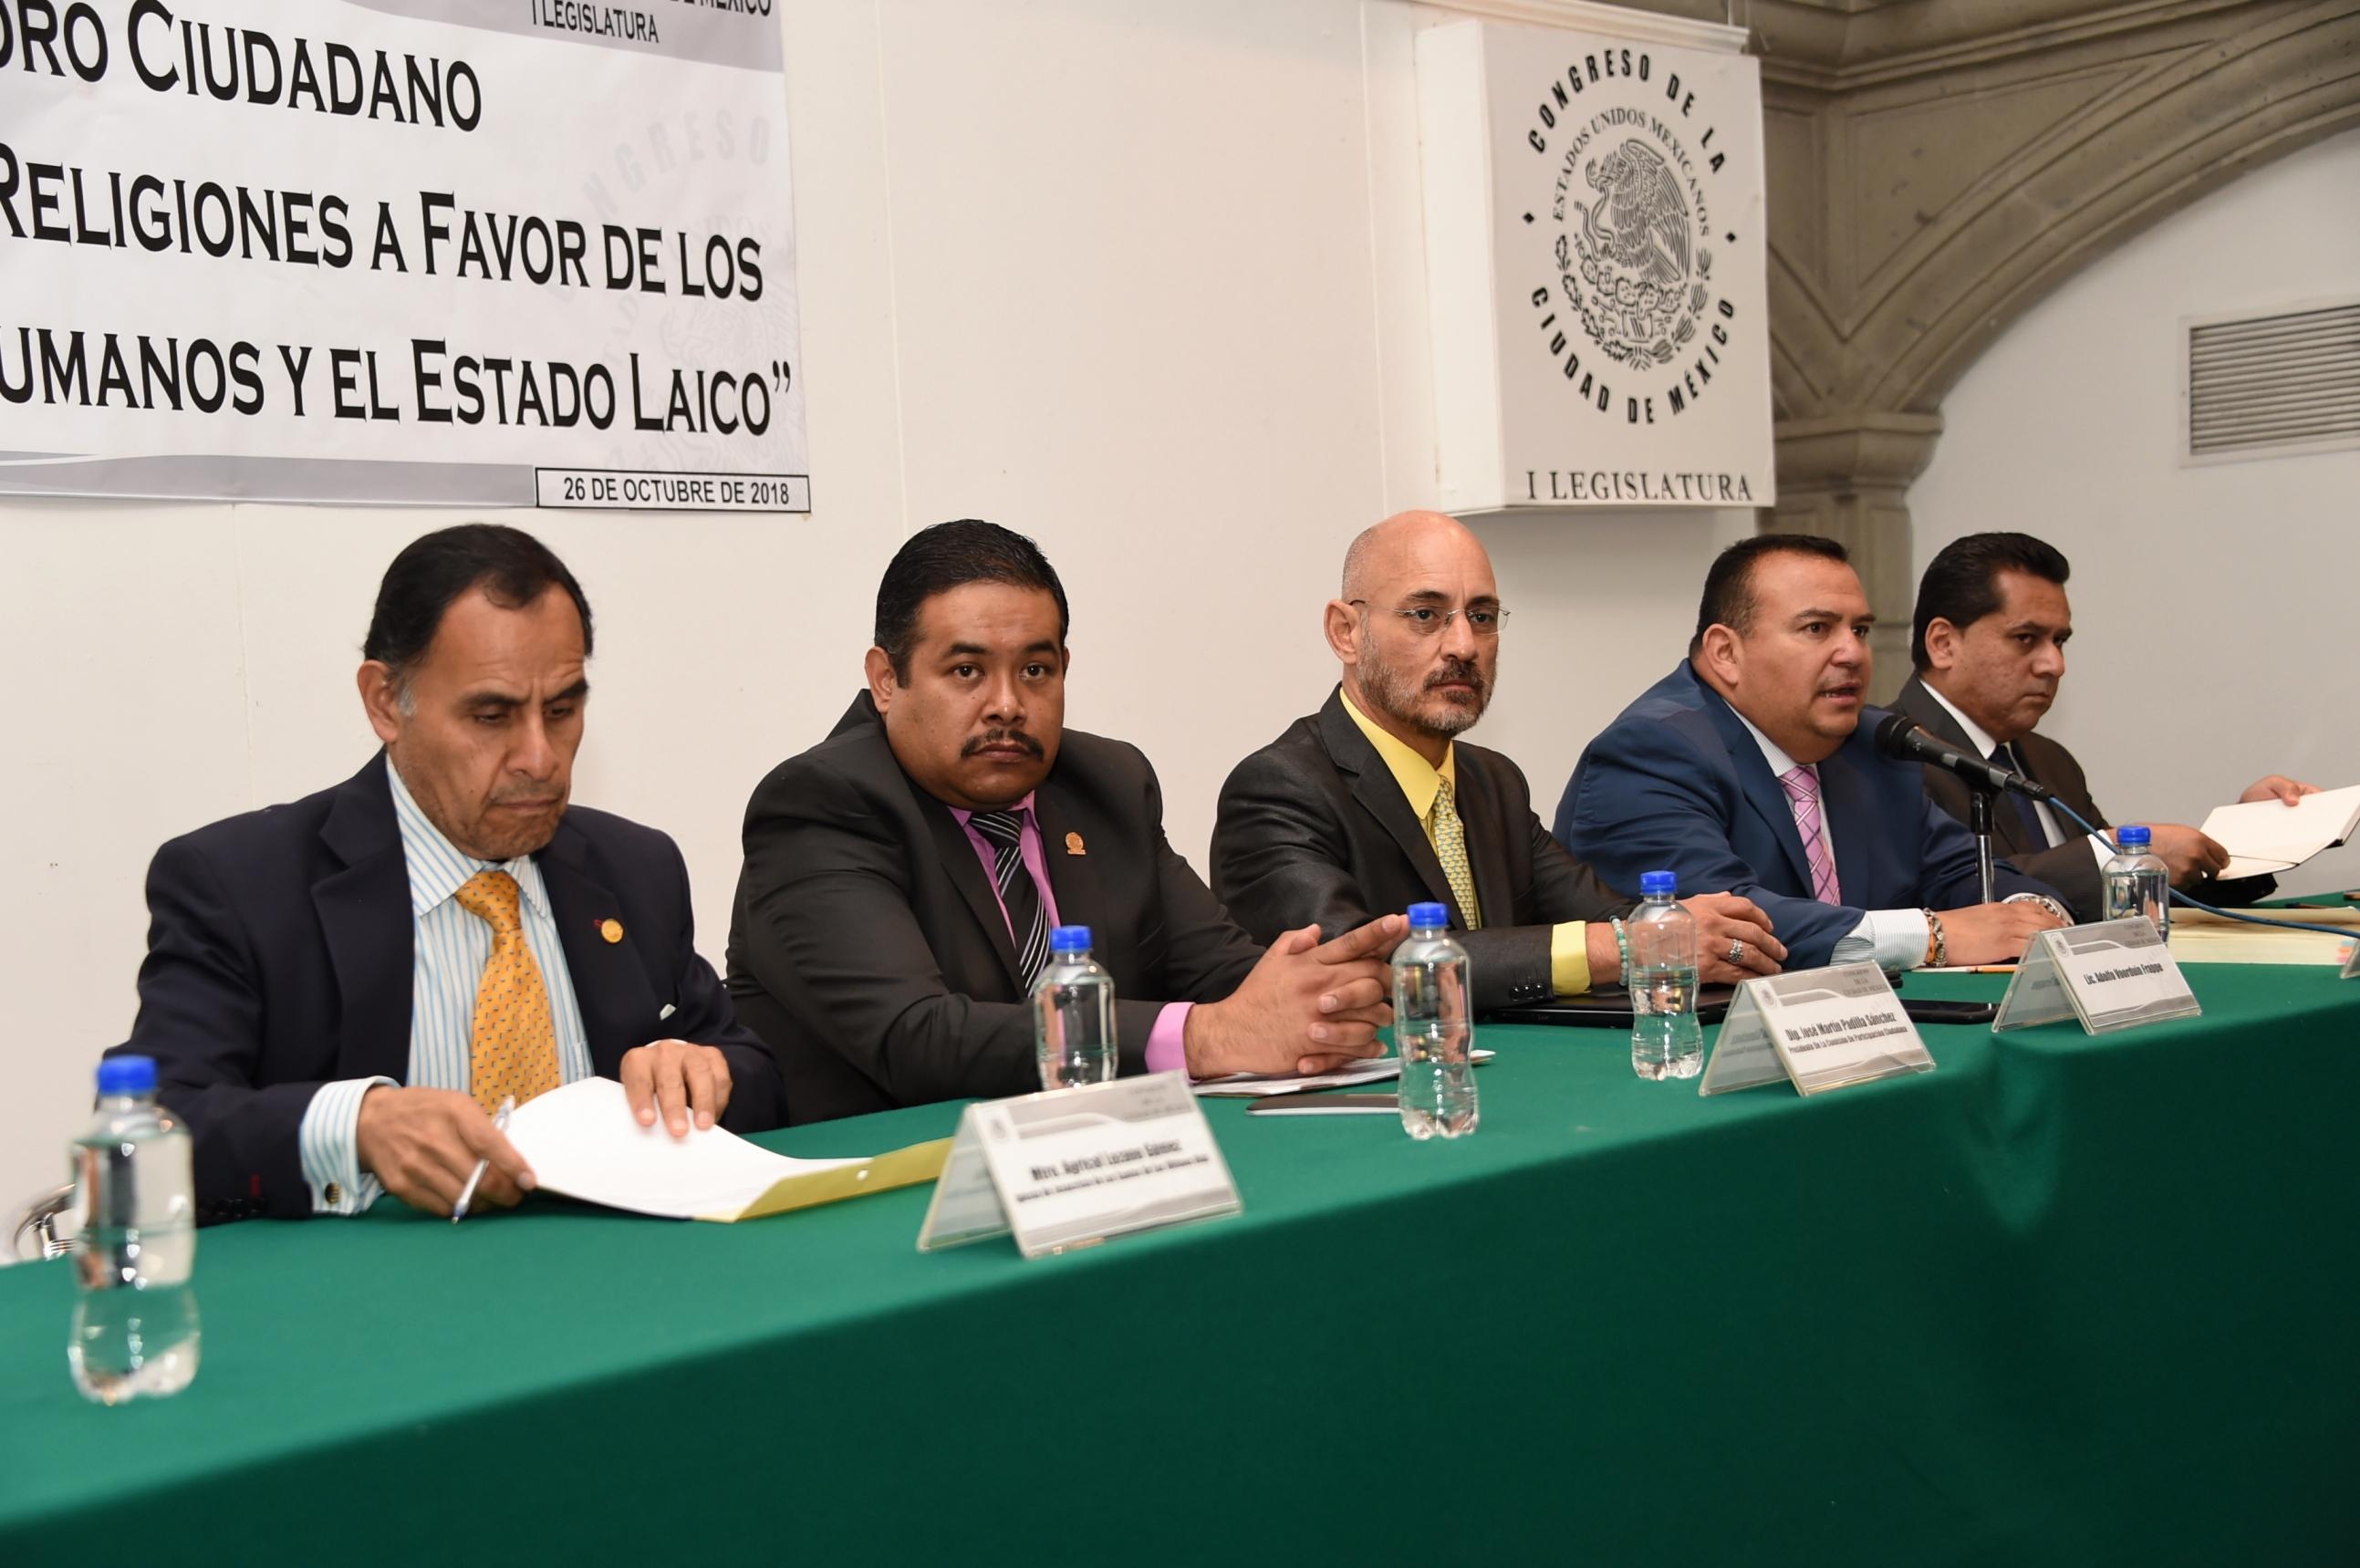 REFRENDA CONGRESO DE LA CDMX RESPETO A LA LIBERTAD DE CREENCIAS RELIGIOSAS Y DERECHOS HUMANOS